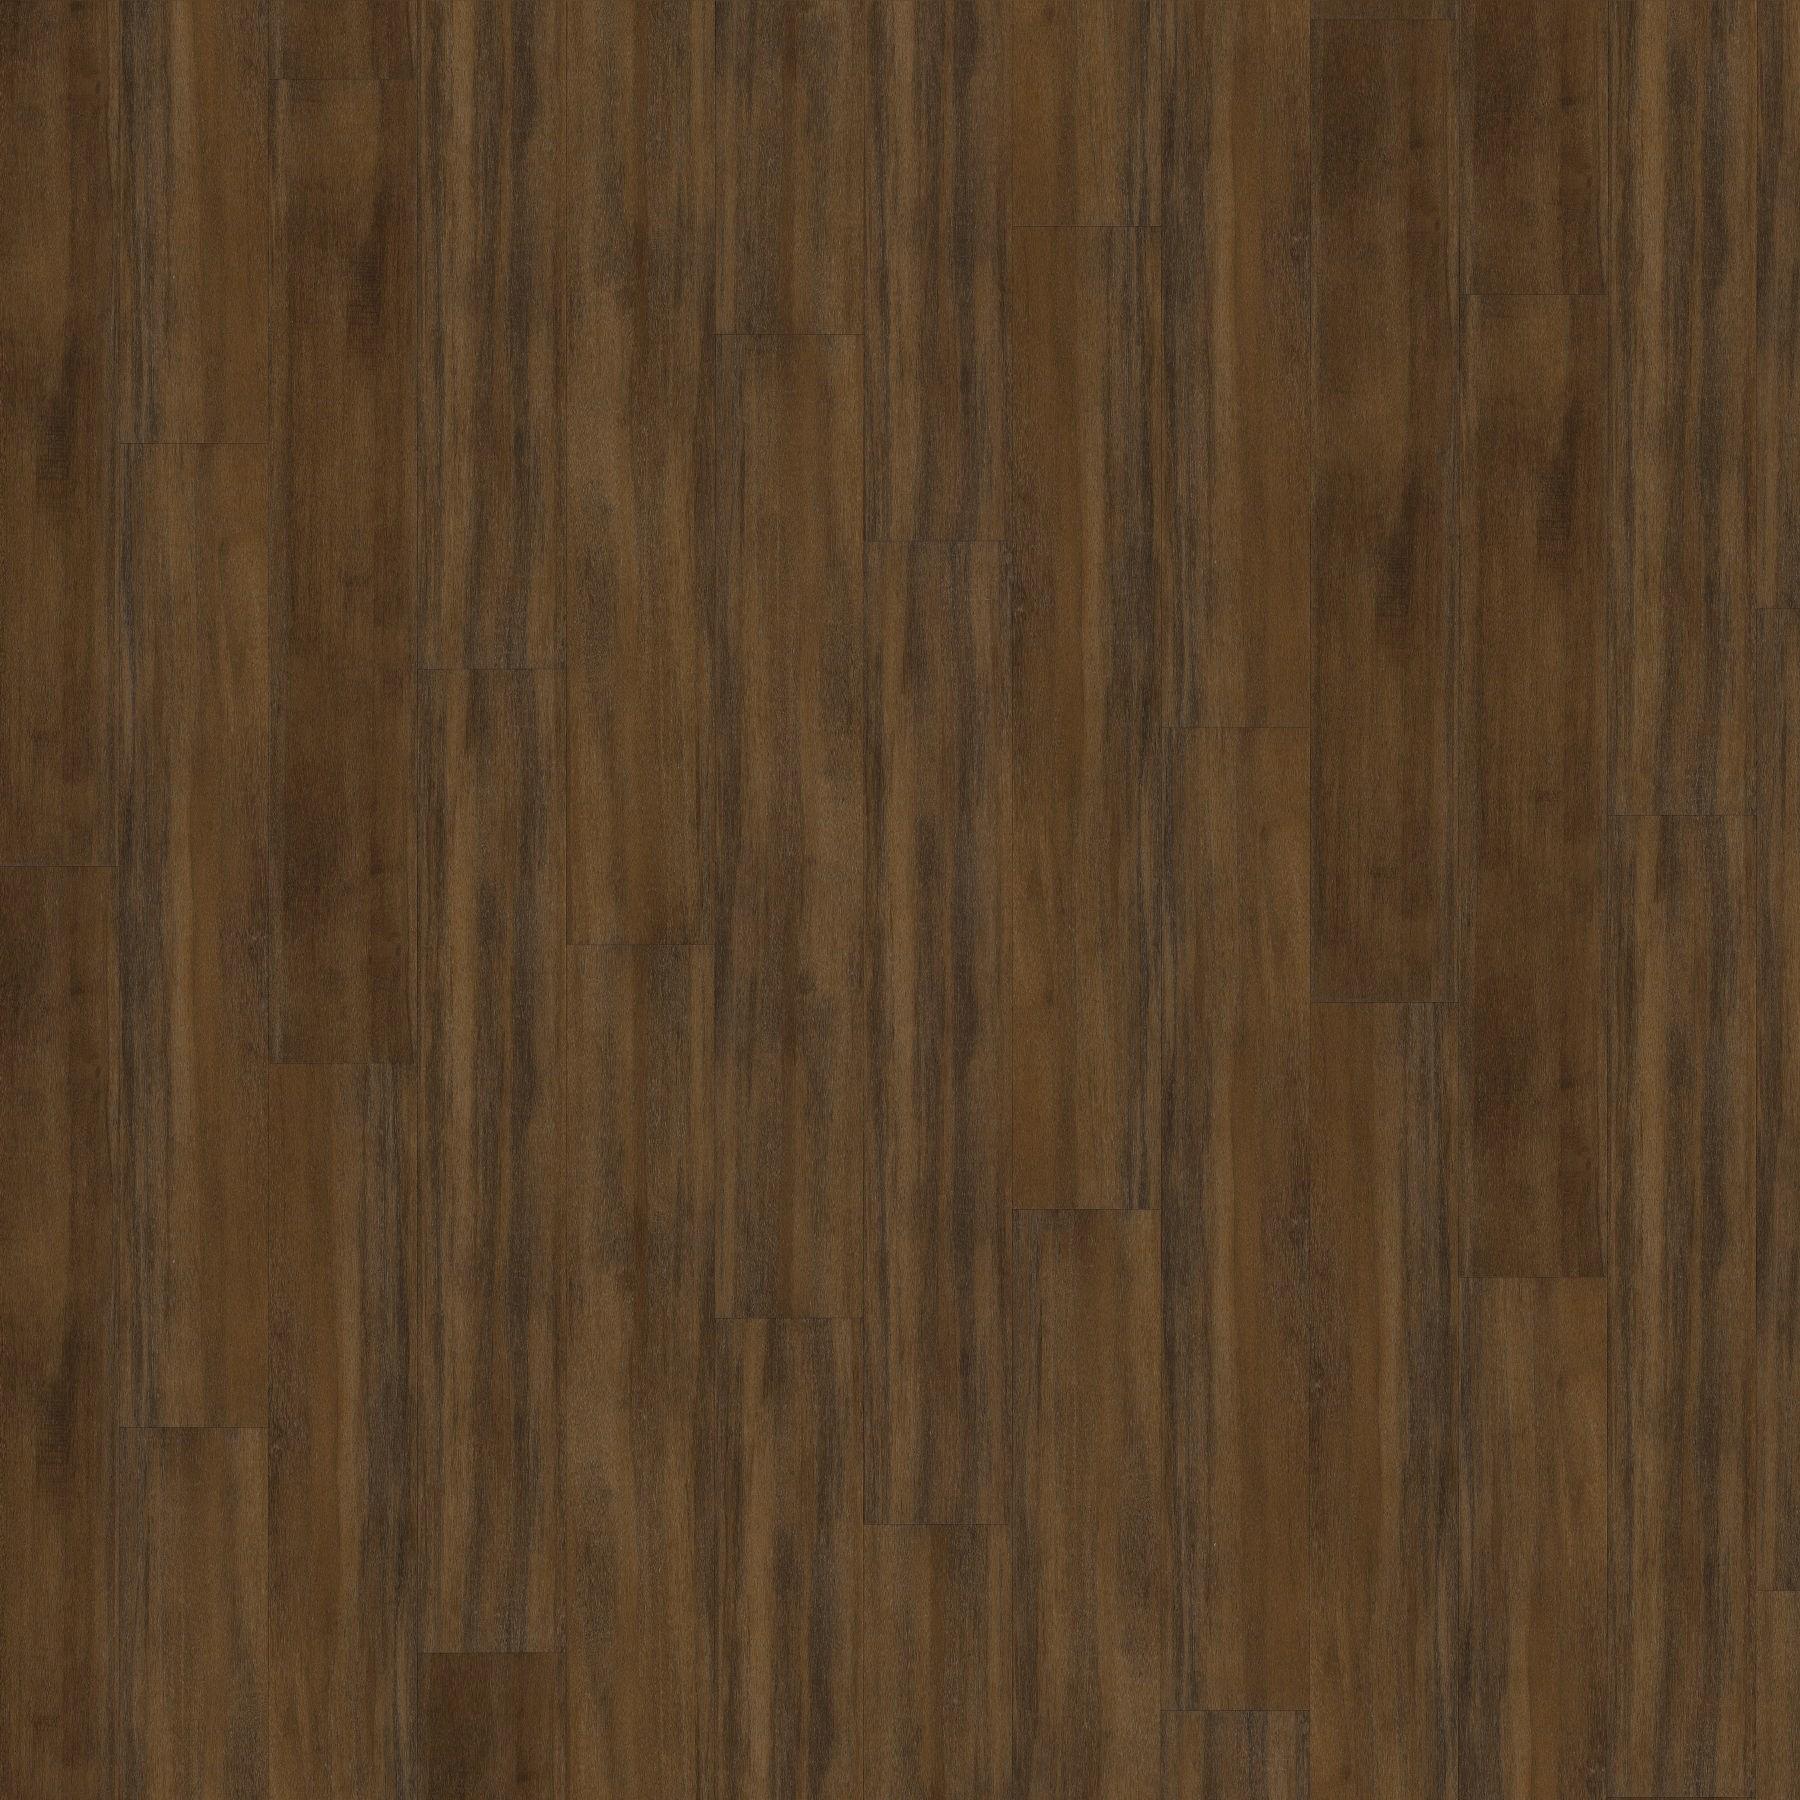 design floor lvt stripes j 40021 04 jab anstoetz flooring. Black Bedroom Furniture Sets. Home Design Ideas